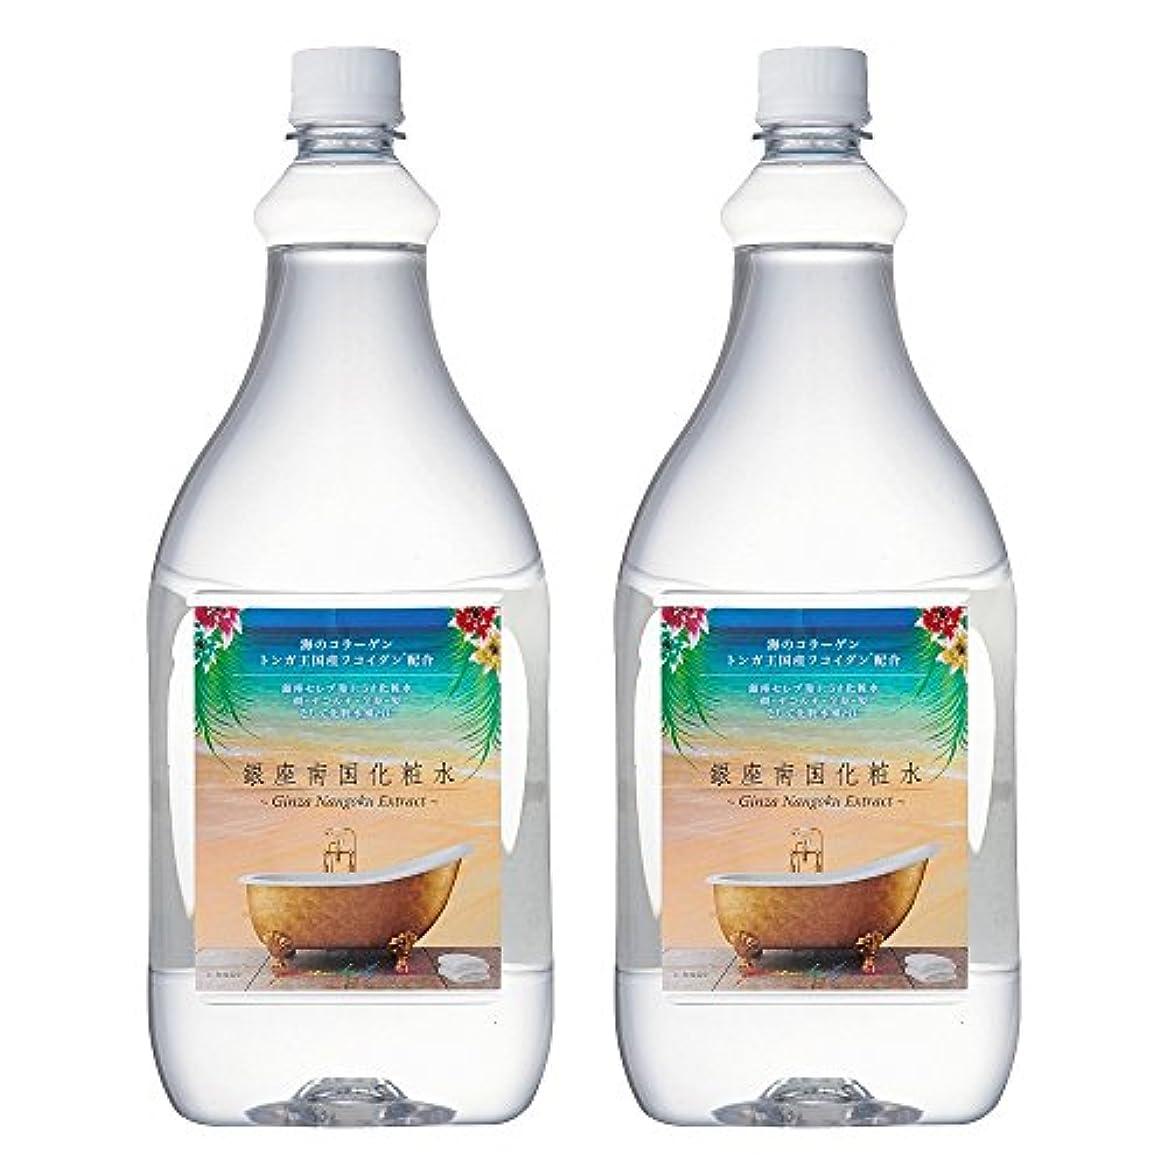 嬉しいです幻滅正直銀座南国化粧水 1.5L 2本セット